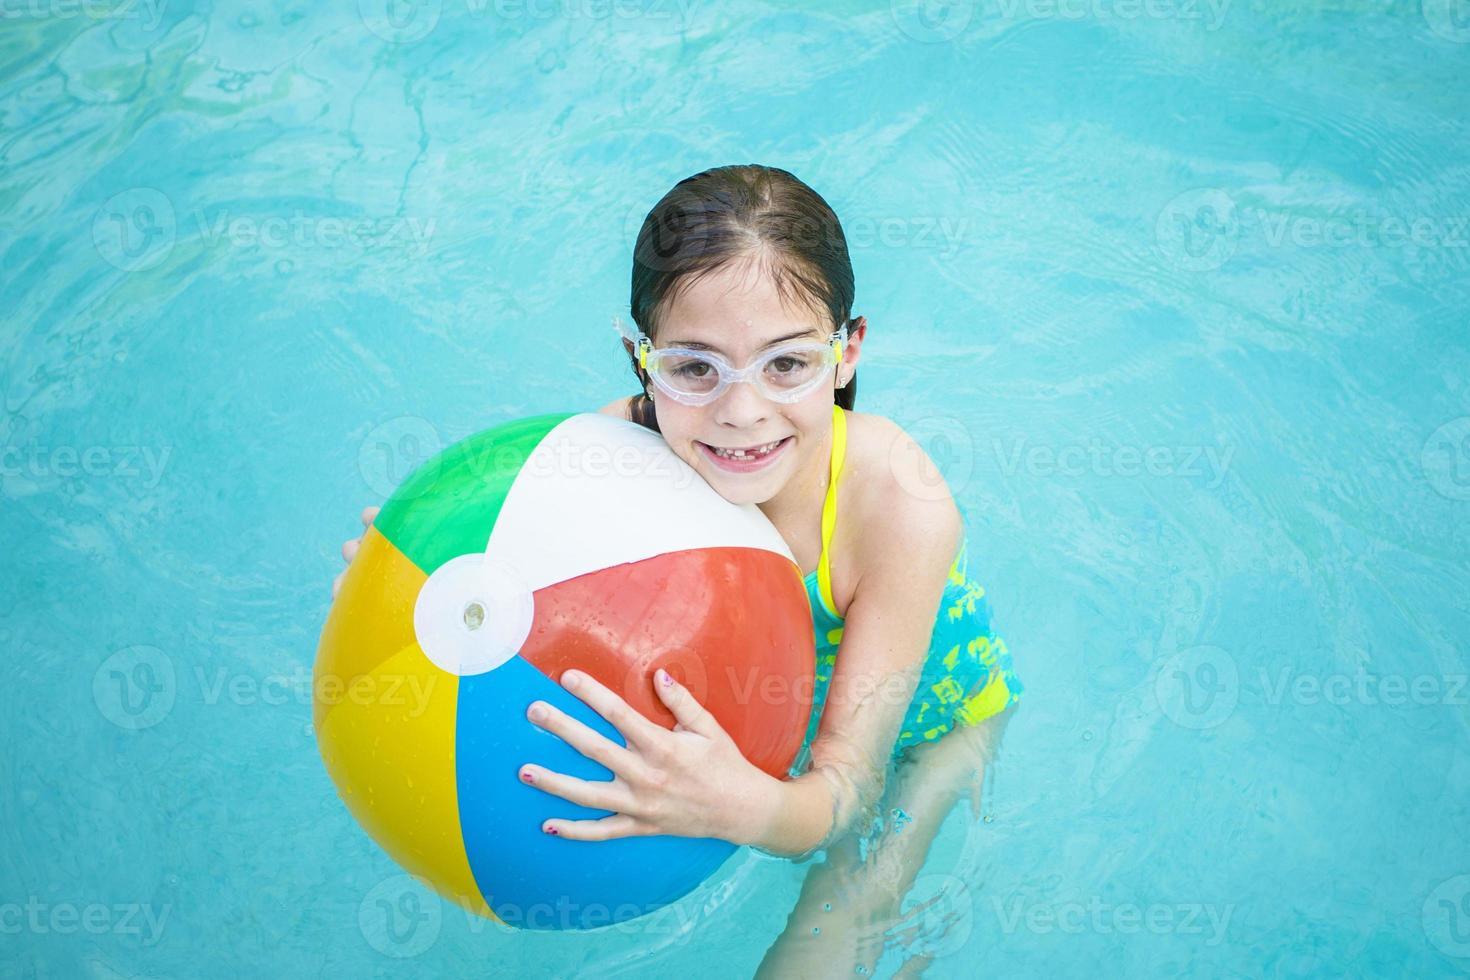 jolie petite fille jouant avec un ballon de plage dans la piscine photo